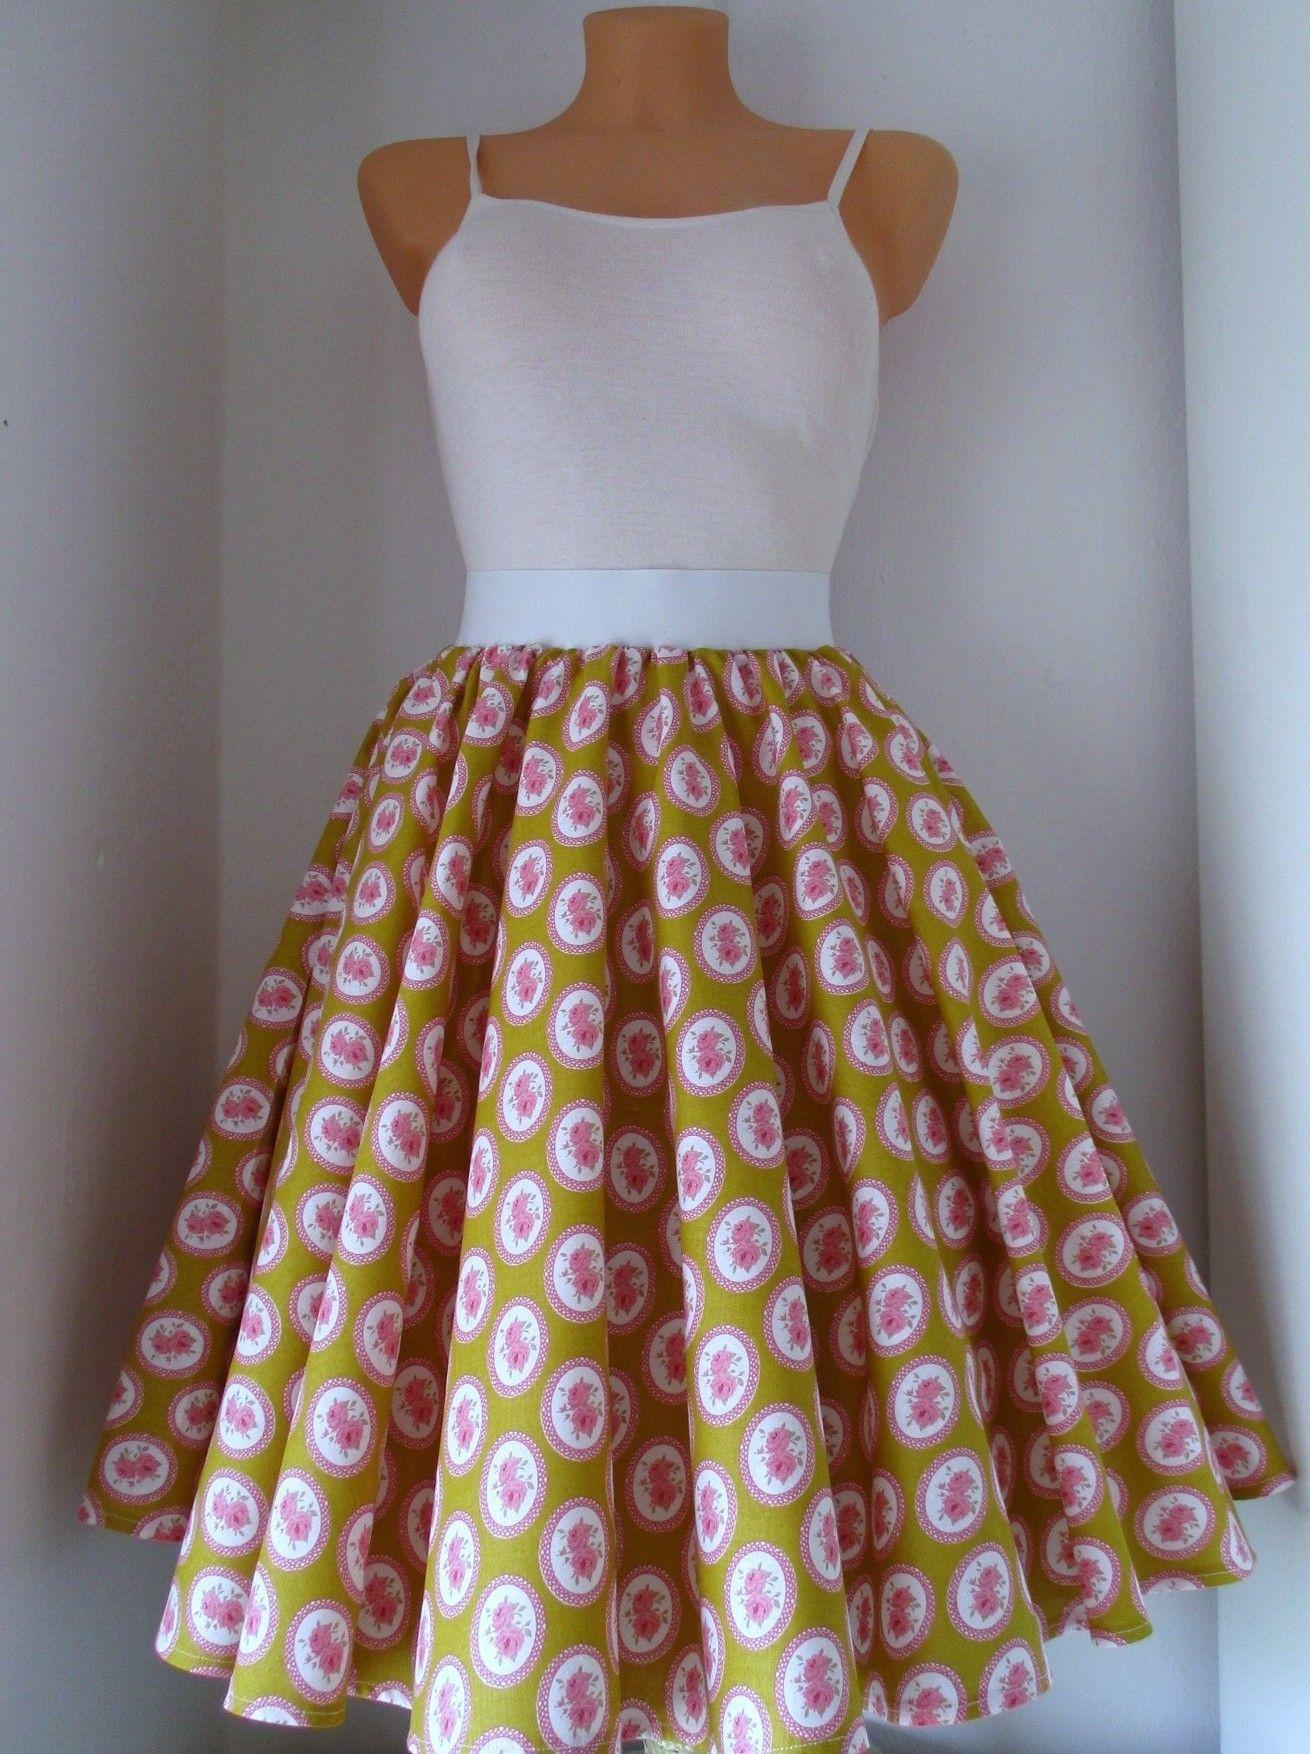 bb328362164c kolová+sukně+Retro+kolová+sukně+z+kvalitní+pevné+bavlny.+V+pase+na+ ...